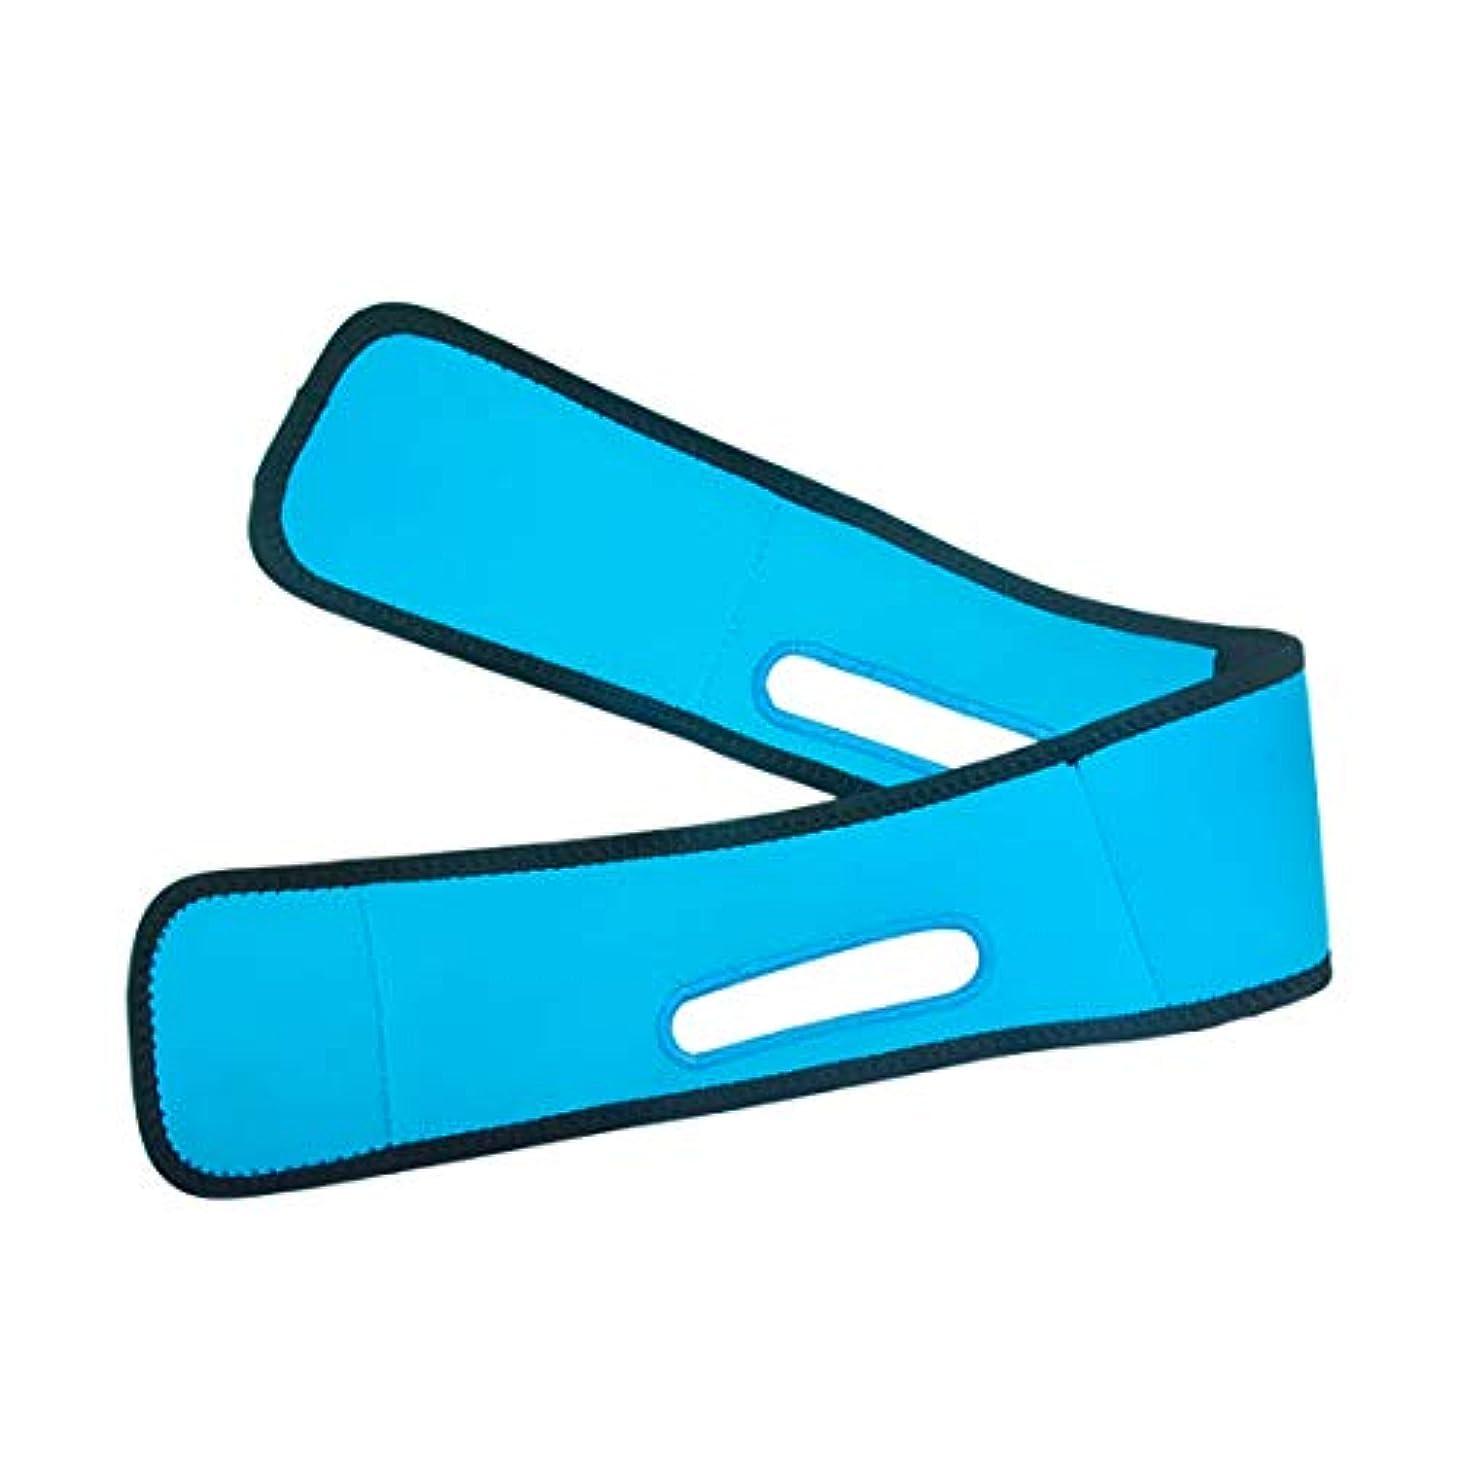 少し有用襟XHLMRMJ 痩身ベルト、フェイスマスクV顔アーティファクトマッサージマスク、あごの筋肉の収縮を強化する簡単にVフェイスリフトタイトな包帯を形作る